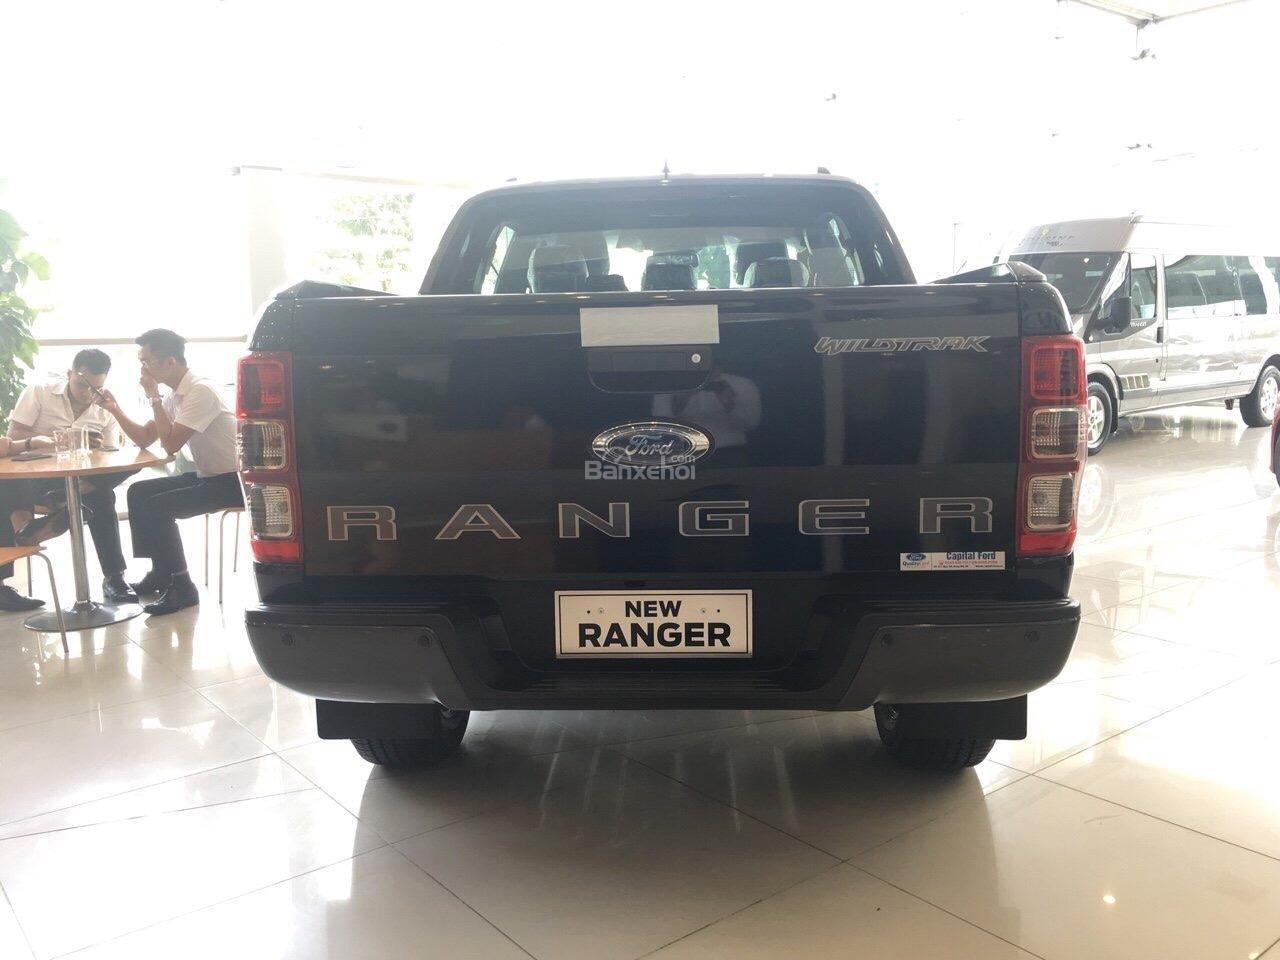 Bán Ford Ranger XLS, Wildtrak 2019 nhập khẩu giá tốt, đủ màu, xe giao ngay, trả góp 90%, liên hệ 0979 572 297 để ép giá (4)